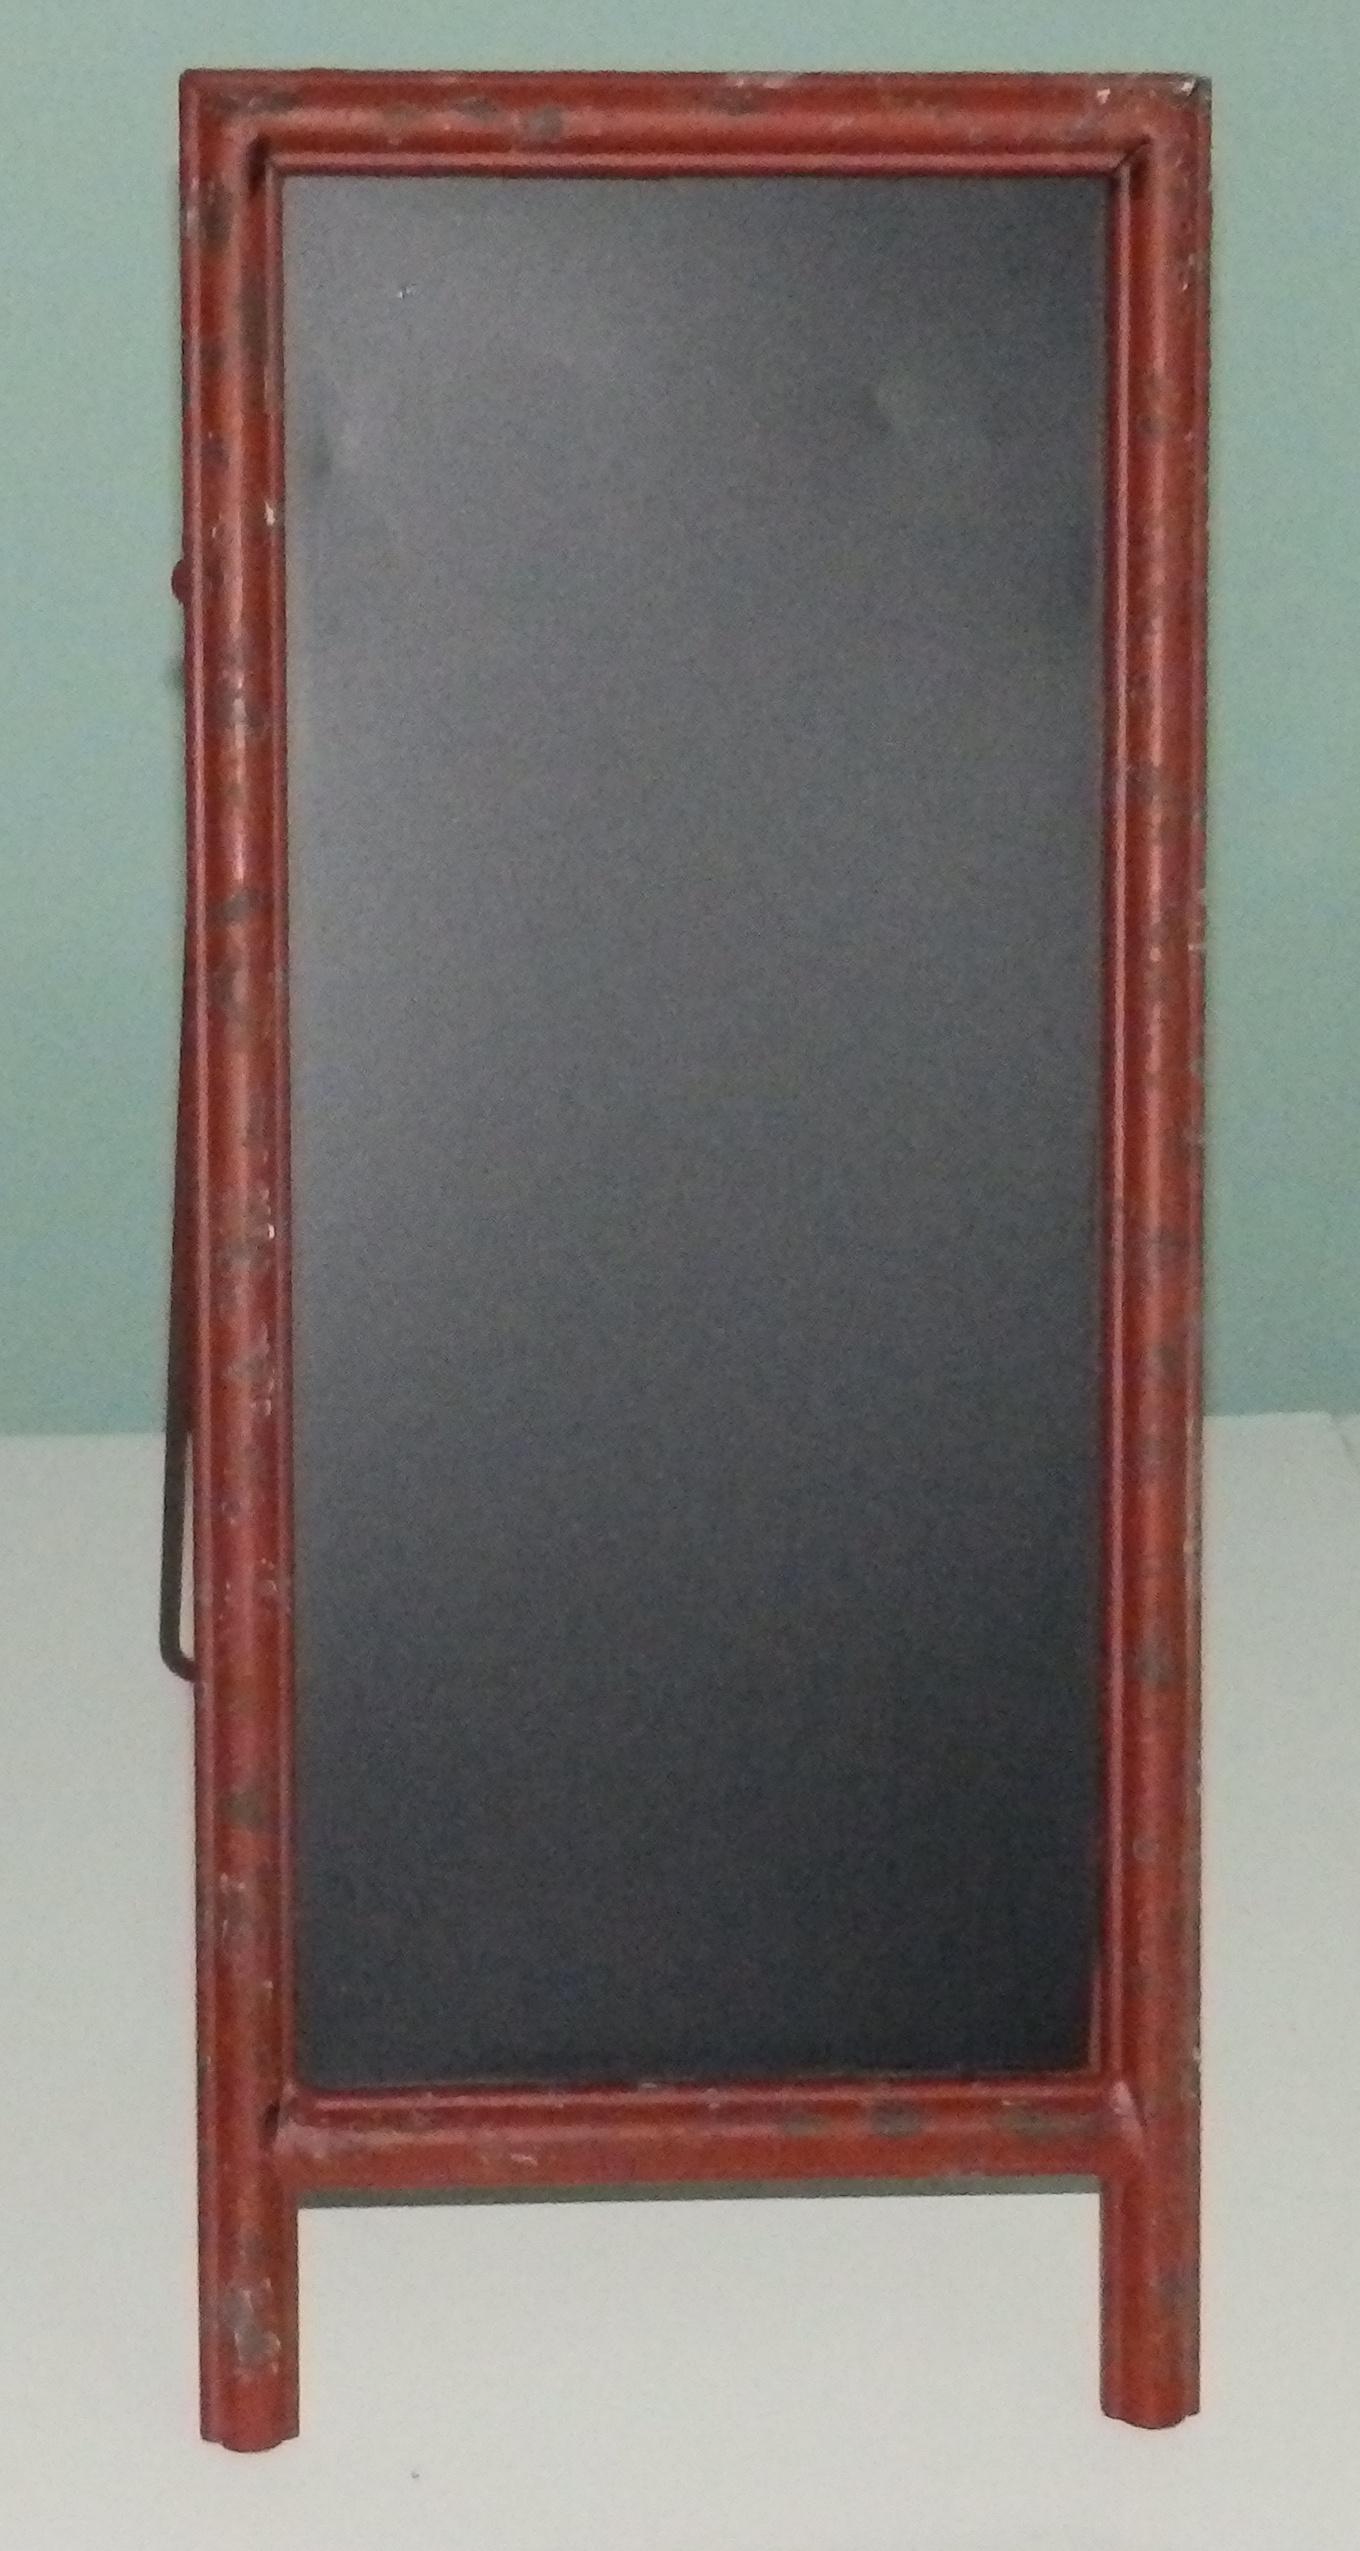 metal-folding-metal-balckboard-8t1042.jpg